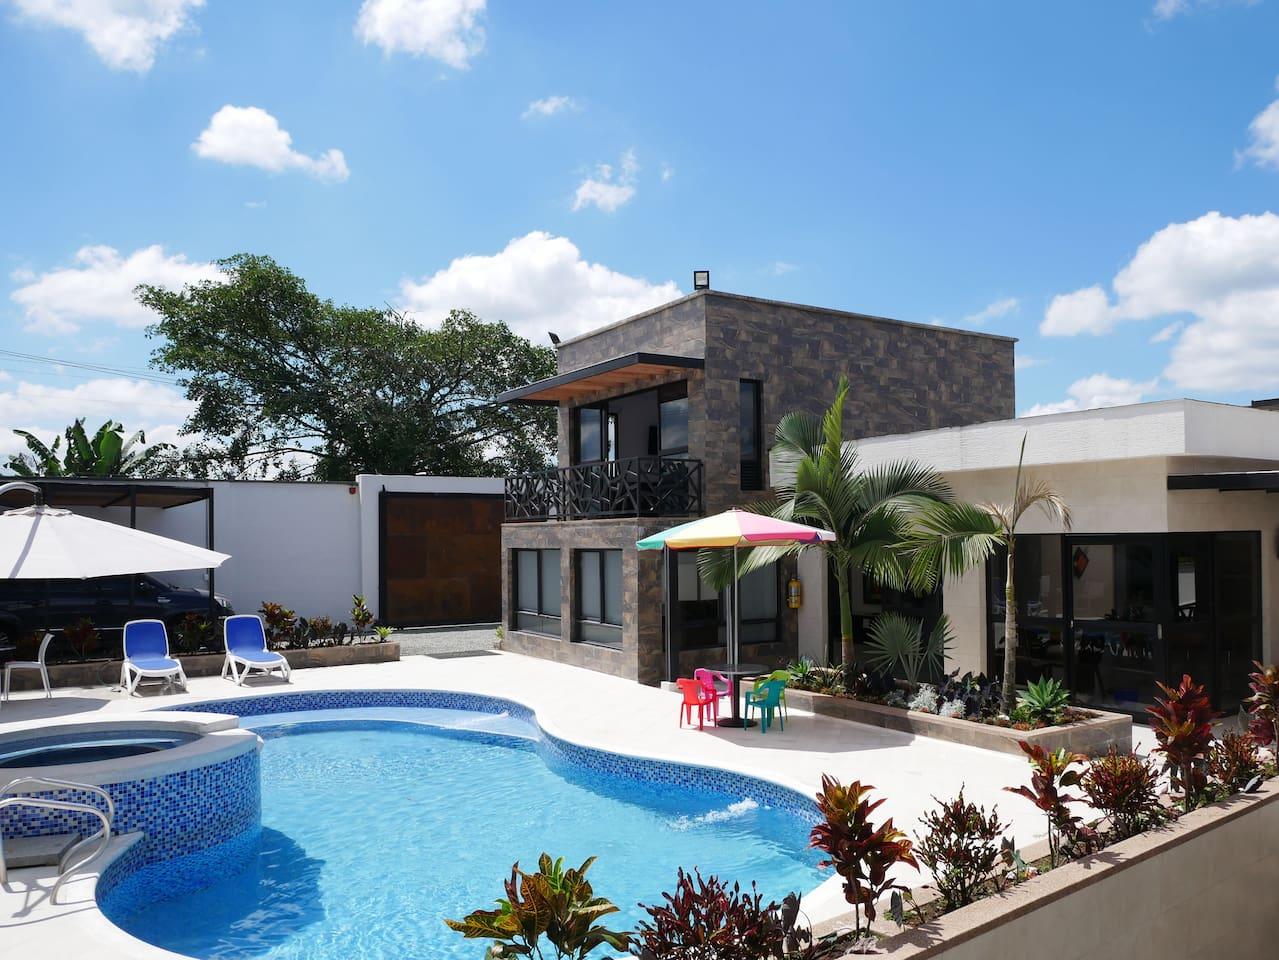 Villa Margarita un lugar pensado para tener la mejor experiencia y comodidad en el eje cafetero colombiano